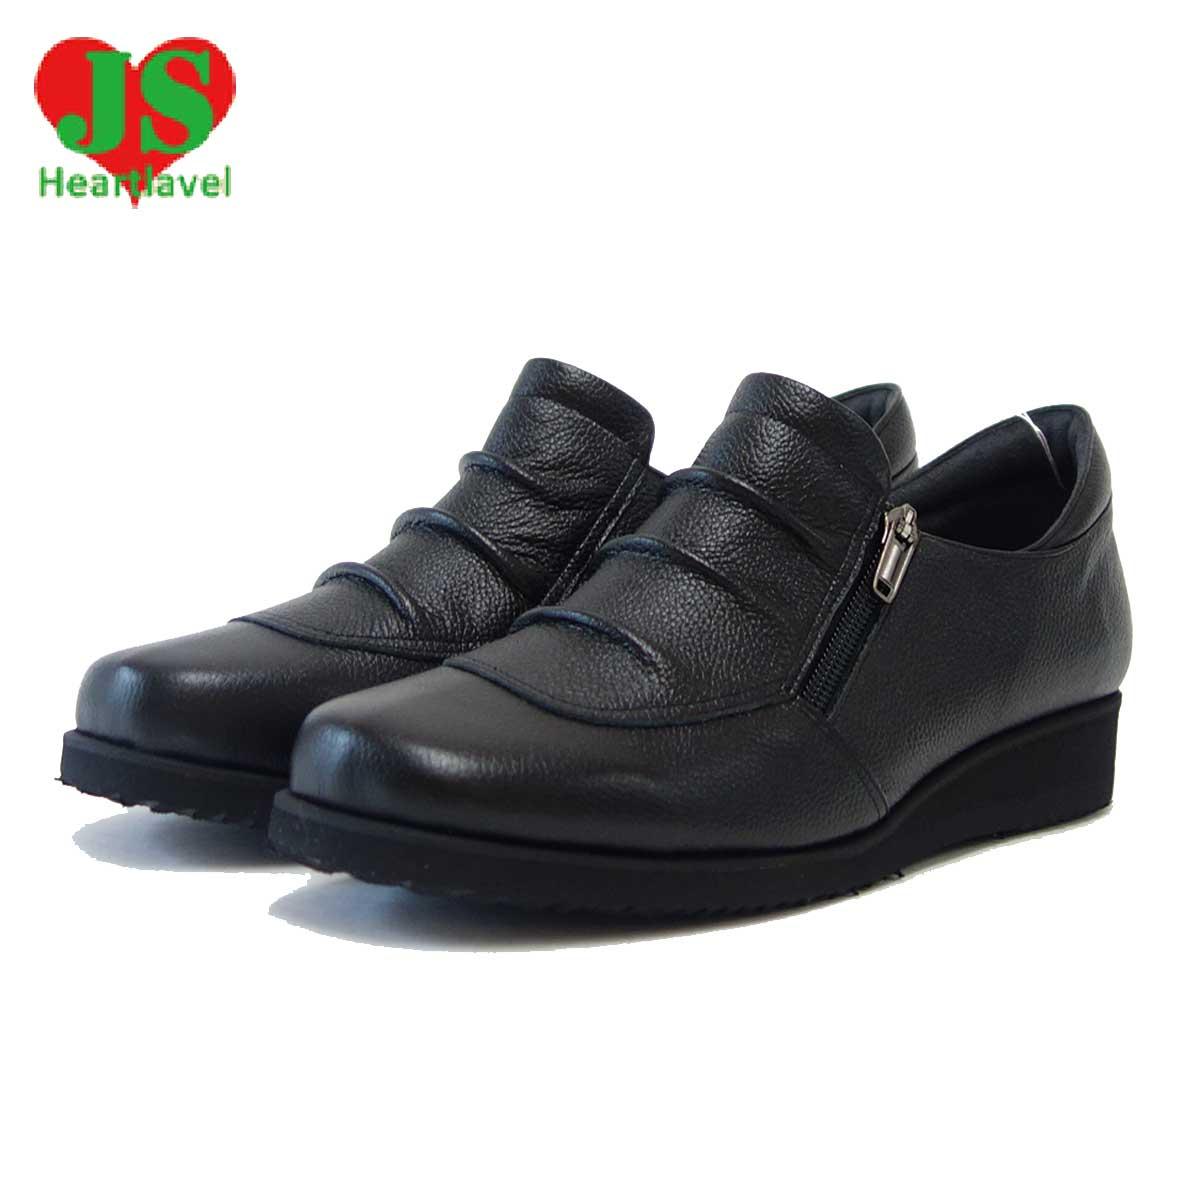 ジェイエス ハートラベル JS Heartlavel 1158 ブラック(レディース)日本製 ゆったりEEEEの楽ちんシューズ「靴」